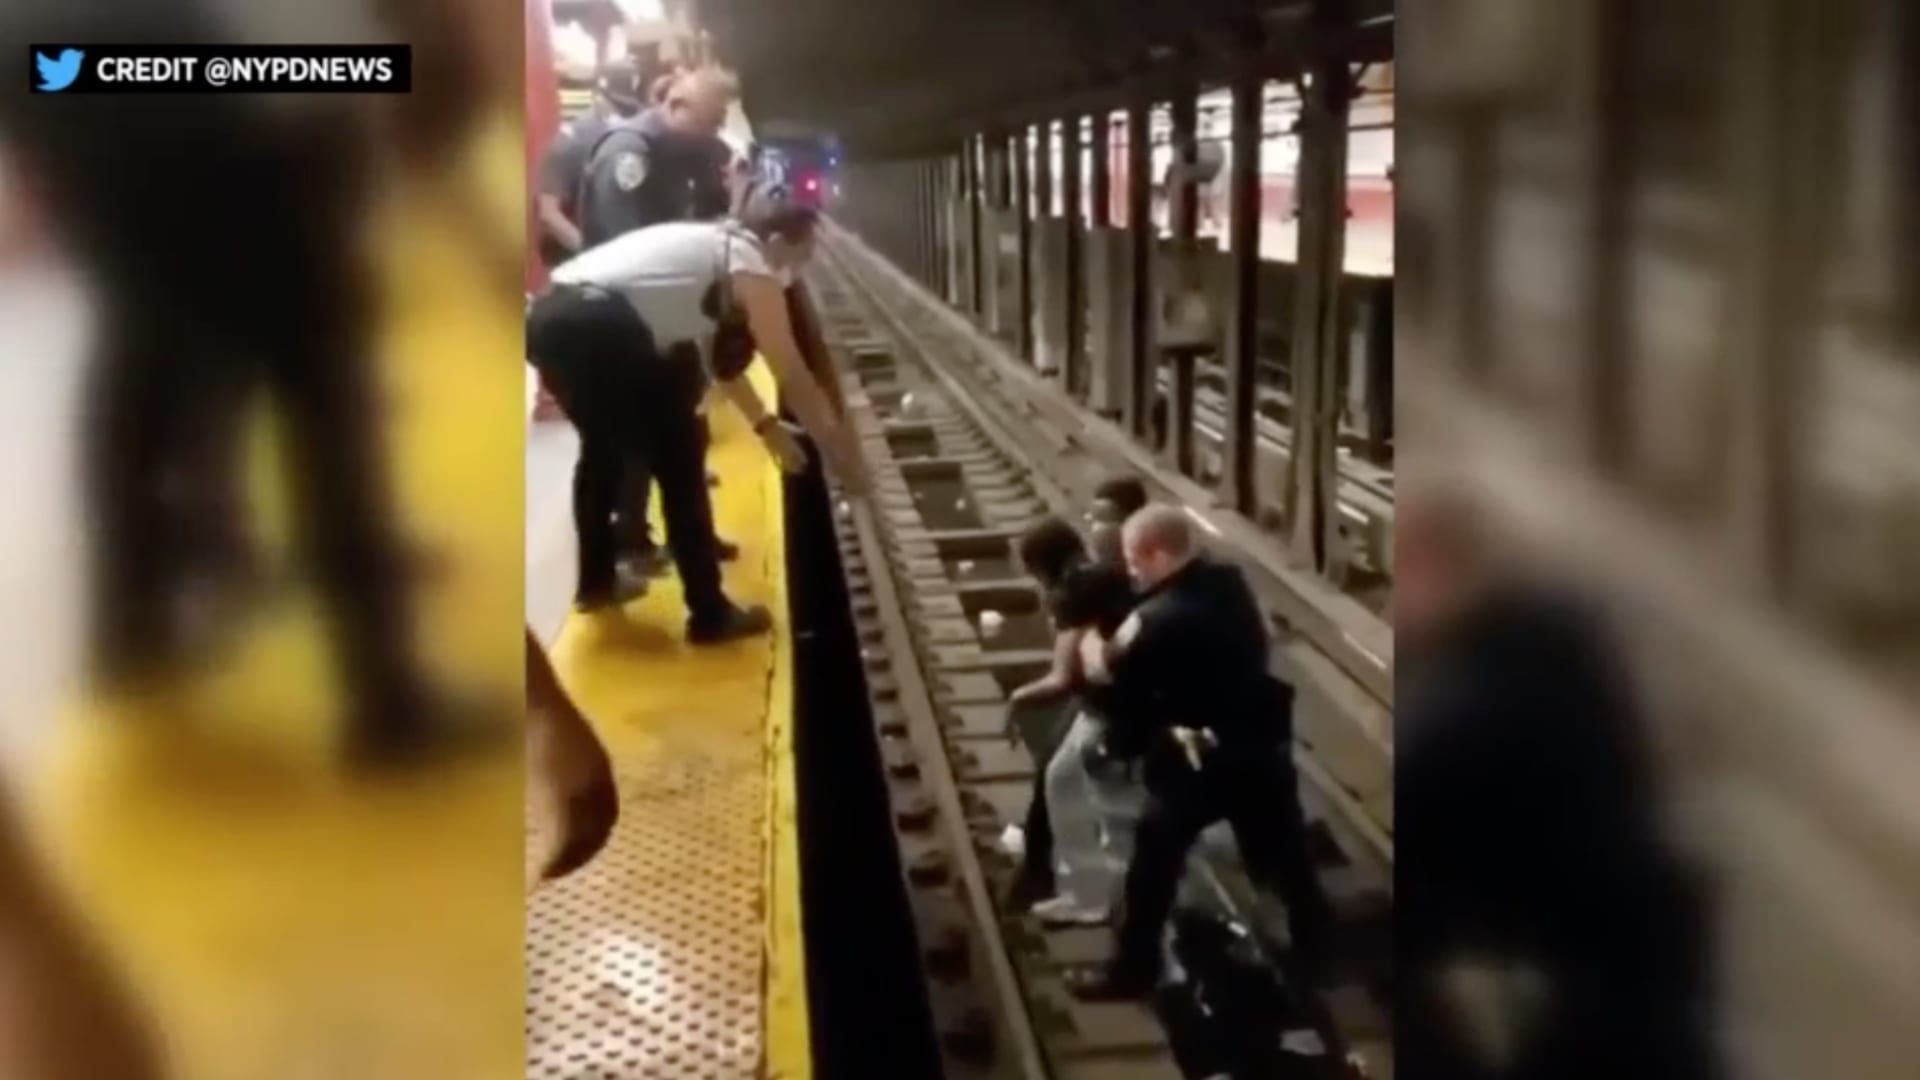 فيديو مثير لشرطي يقفز على قضبان المترو لنجدة رجل فقد الوعي قبل وصول القطار